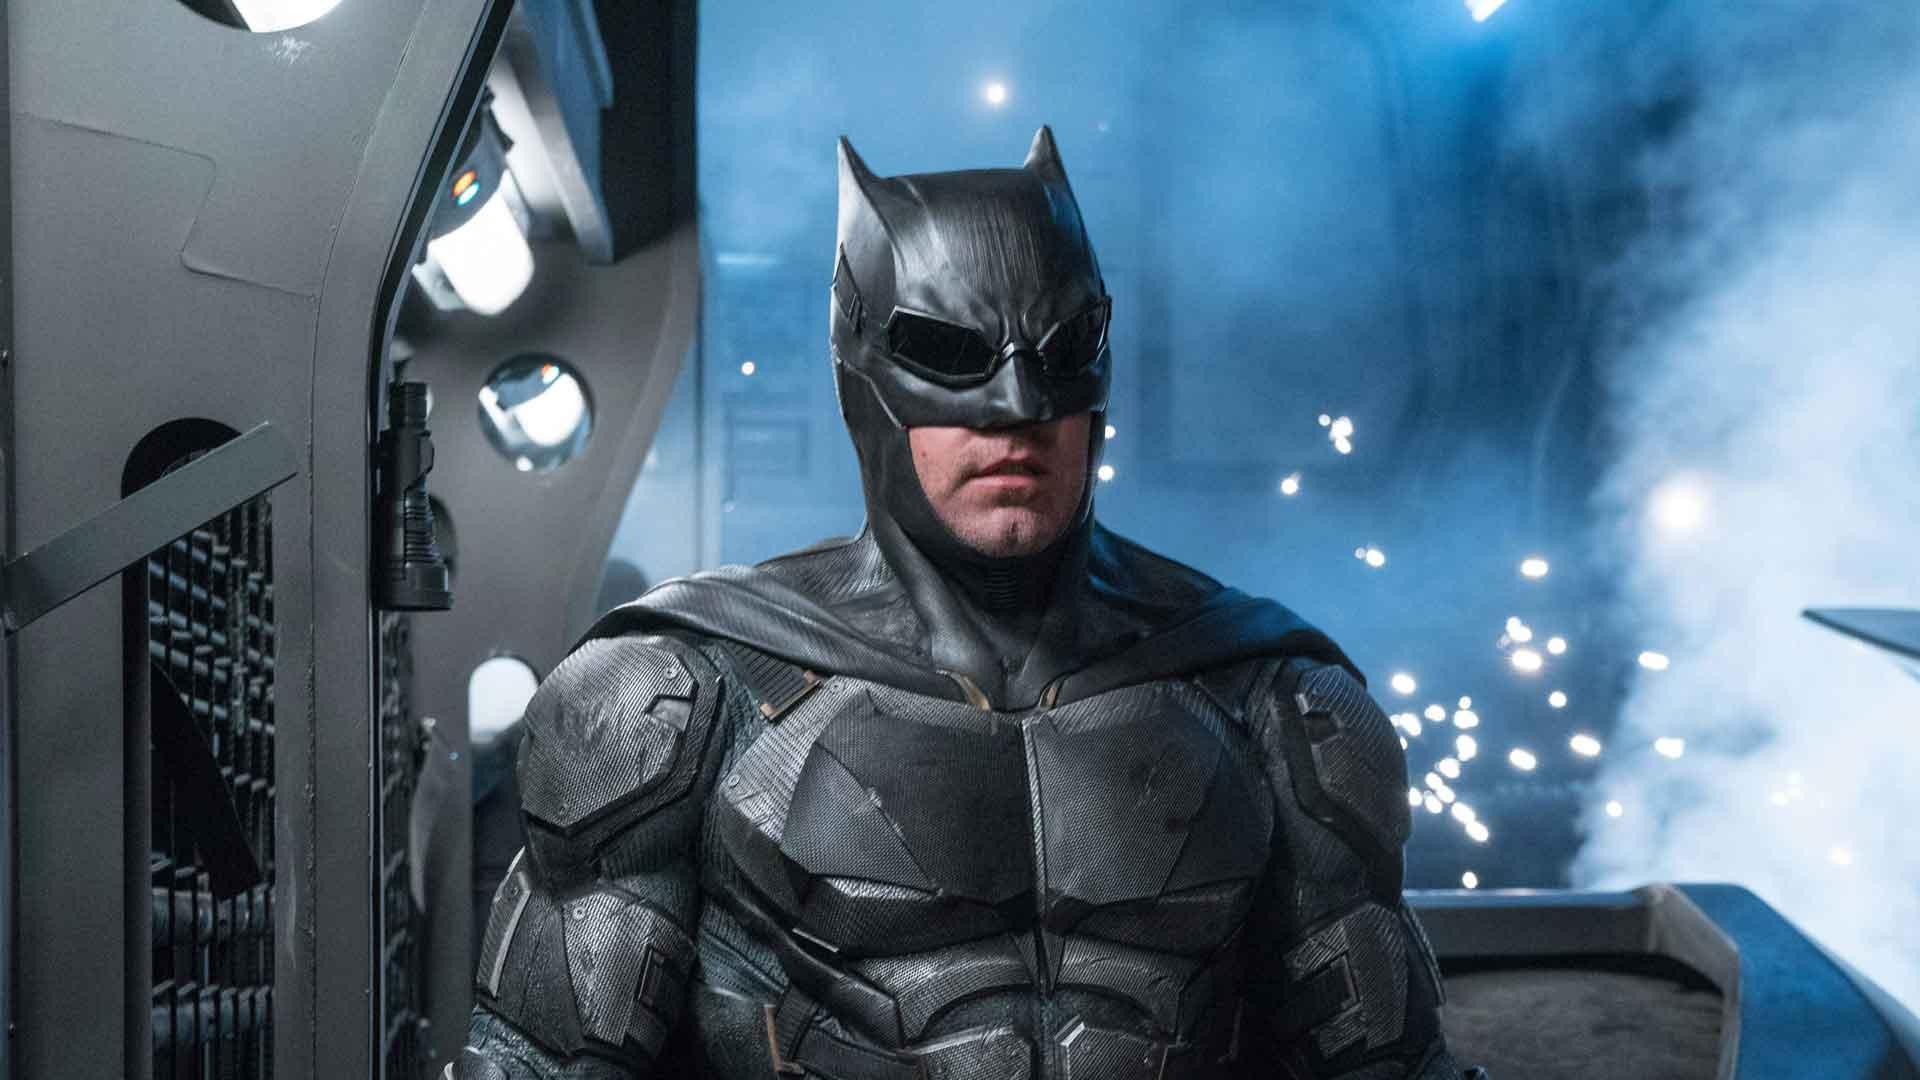 Aktore berri bat iragarri du The Batman filmerako